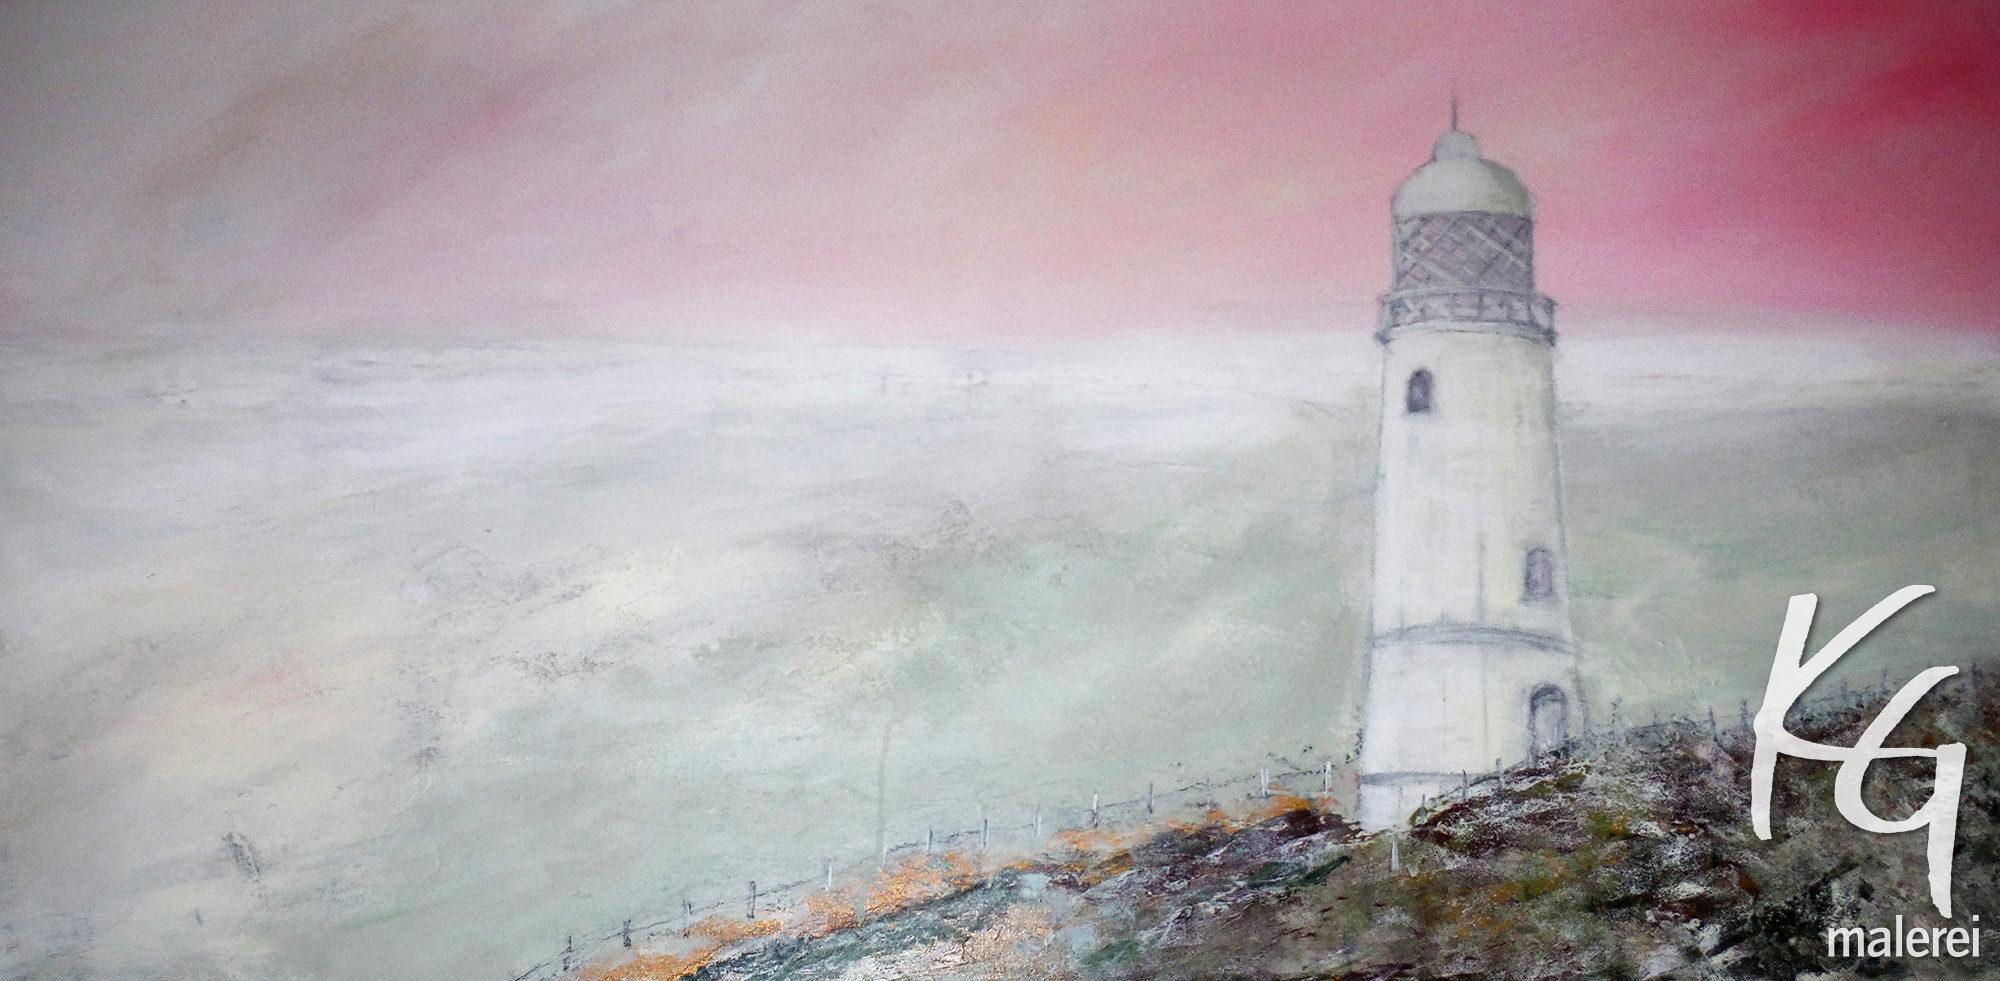 Das Bild zeigt einen weißen Leuchtturm an einem unbestimmten Ort an der Nordsee in leichtem Morgennebel mit rosarotem Himmel, weißem Horizont, und kieselgrauem Wattenmeer mit hellgelben Akzenten. Er steht am Rande eines Steinhügels in den Farben Olivgrün, Braun und Ocker, am Strand entlang führt ein Zaun und zu dem Leuchtturm ein kleiner Weg. Romantisch-verträumte Szenerie.